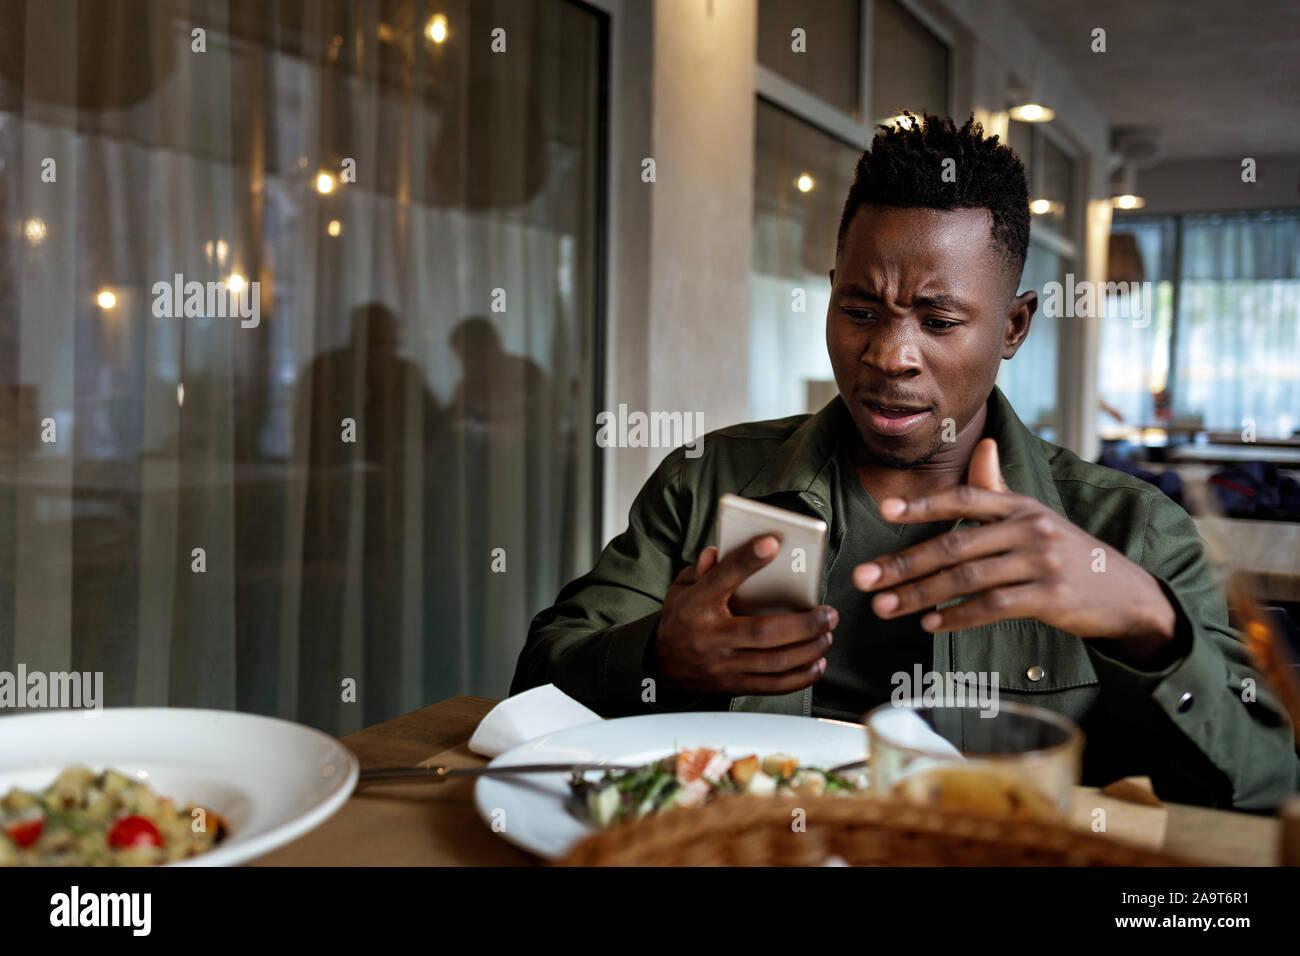 Junge enttäuscht überrascht afrikanische amerikanische Mann Messaging online, Kontrolle soziale Netzwerke im Cafe. Kopieren Sie Platz Stockfoto